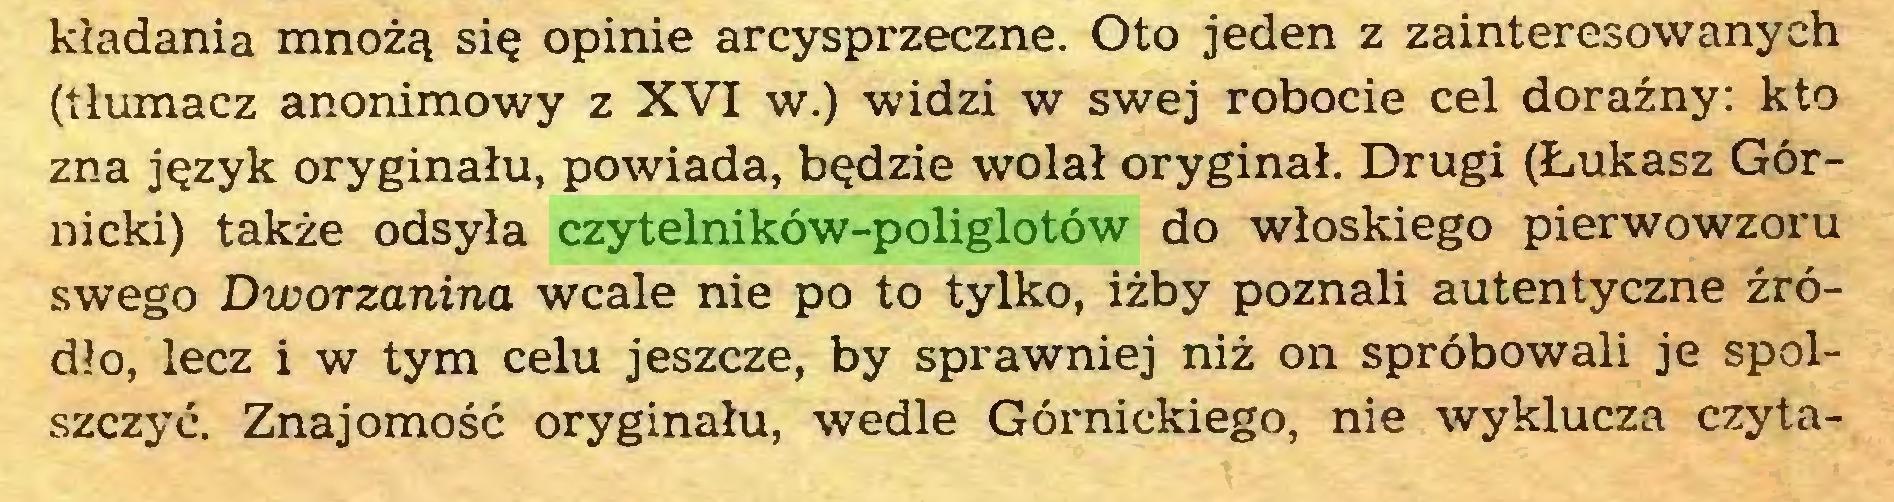 (...) kładania mnożą się opinie arcysprzeczne. Oto jeden z zainteresowanych (tłumacz anonimowy z XVI w.) widzi w swej robocie cel doraźny: kto zna język oryginału, powiada, będzie wolał oryginał. Drugi (Łukasz Górnicki) także odsyła czytelników-poliglotów do włoskiego pierwowzoru swego Dworzanina wcale nie po to tylko, iżby poznali autentyczne źródło, lecz i w tym celu jeszcze, by sprawniej niż on spróbowali je spolszczyć. Znajomość oryginału, wedle Górnickiego, nie wyklucza czyta...